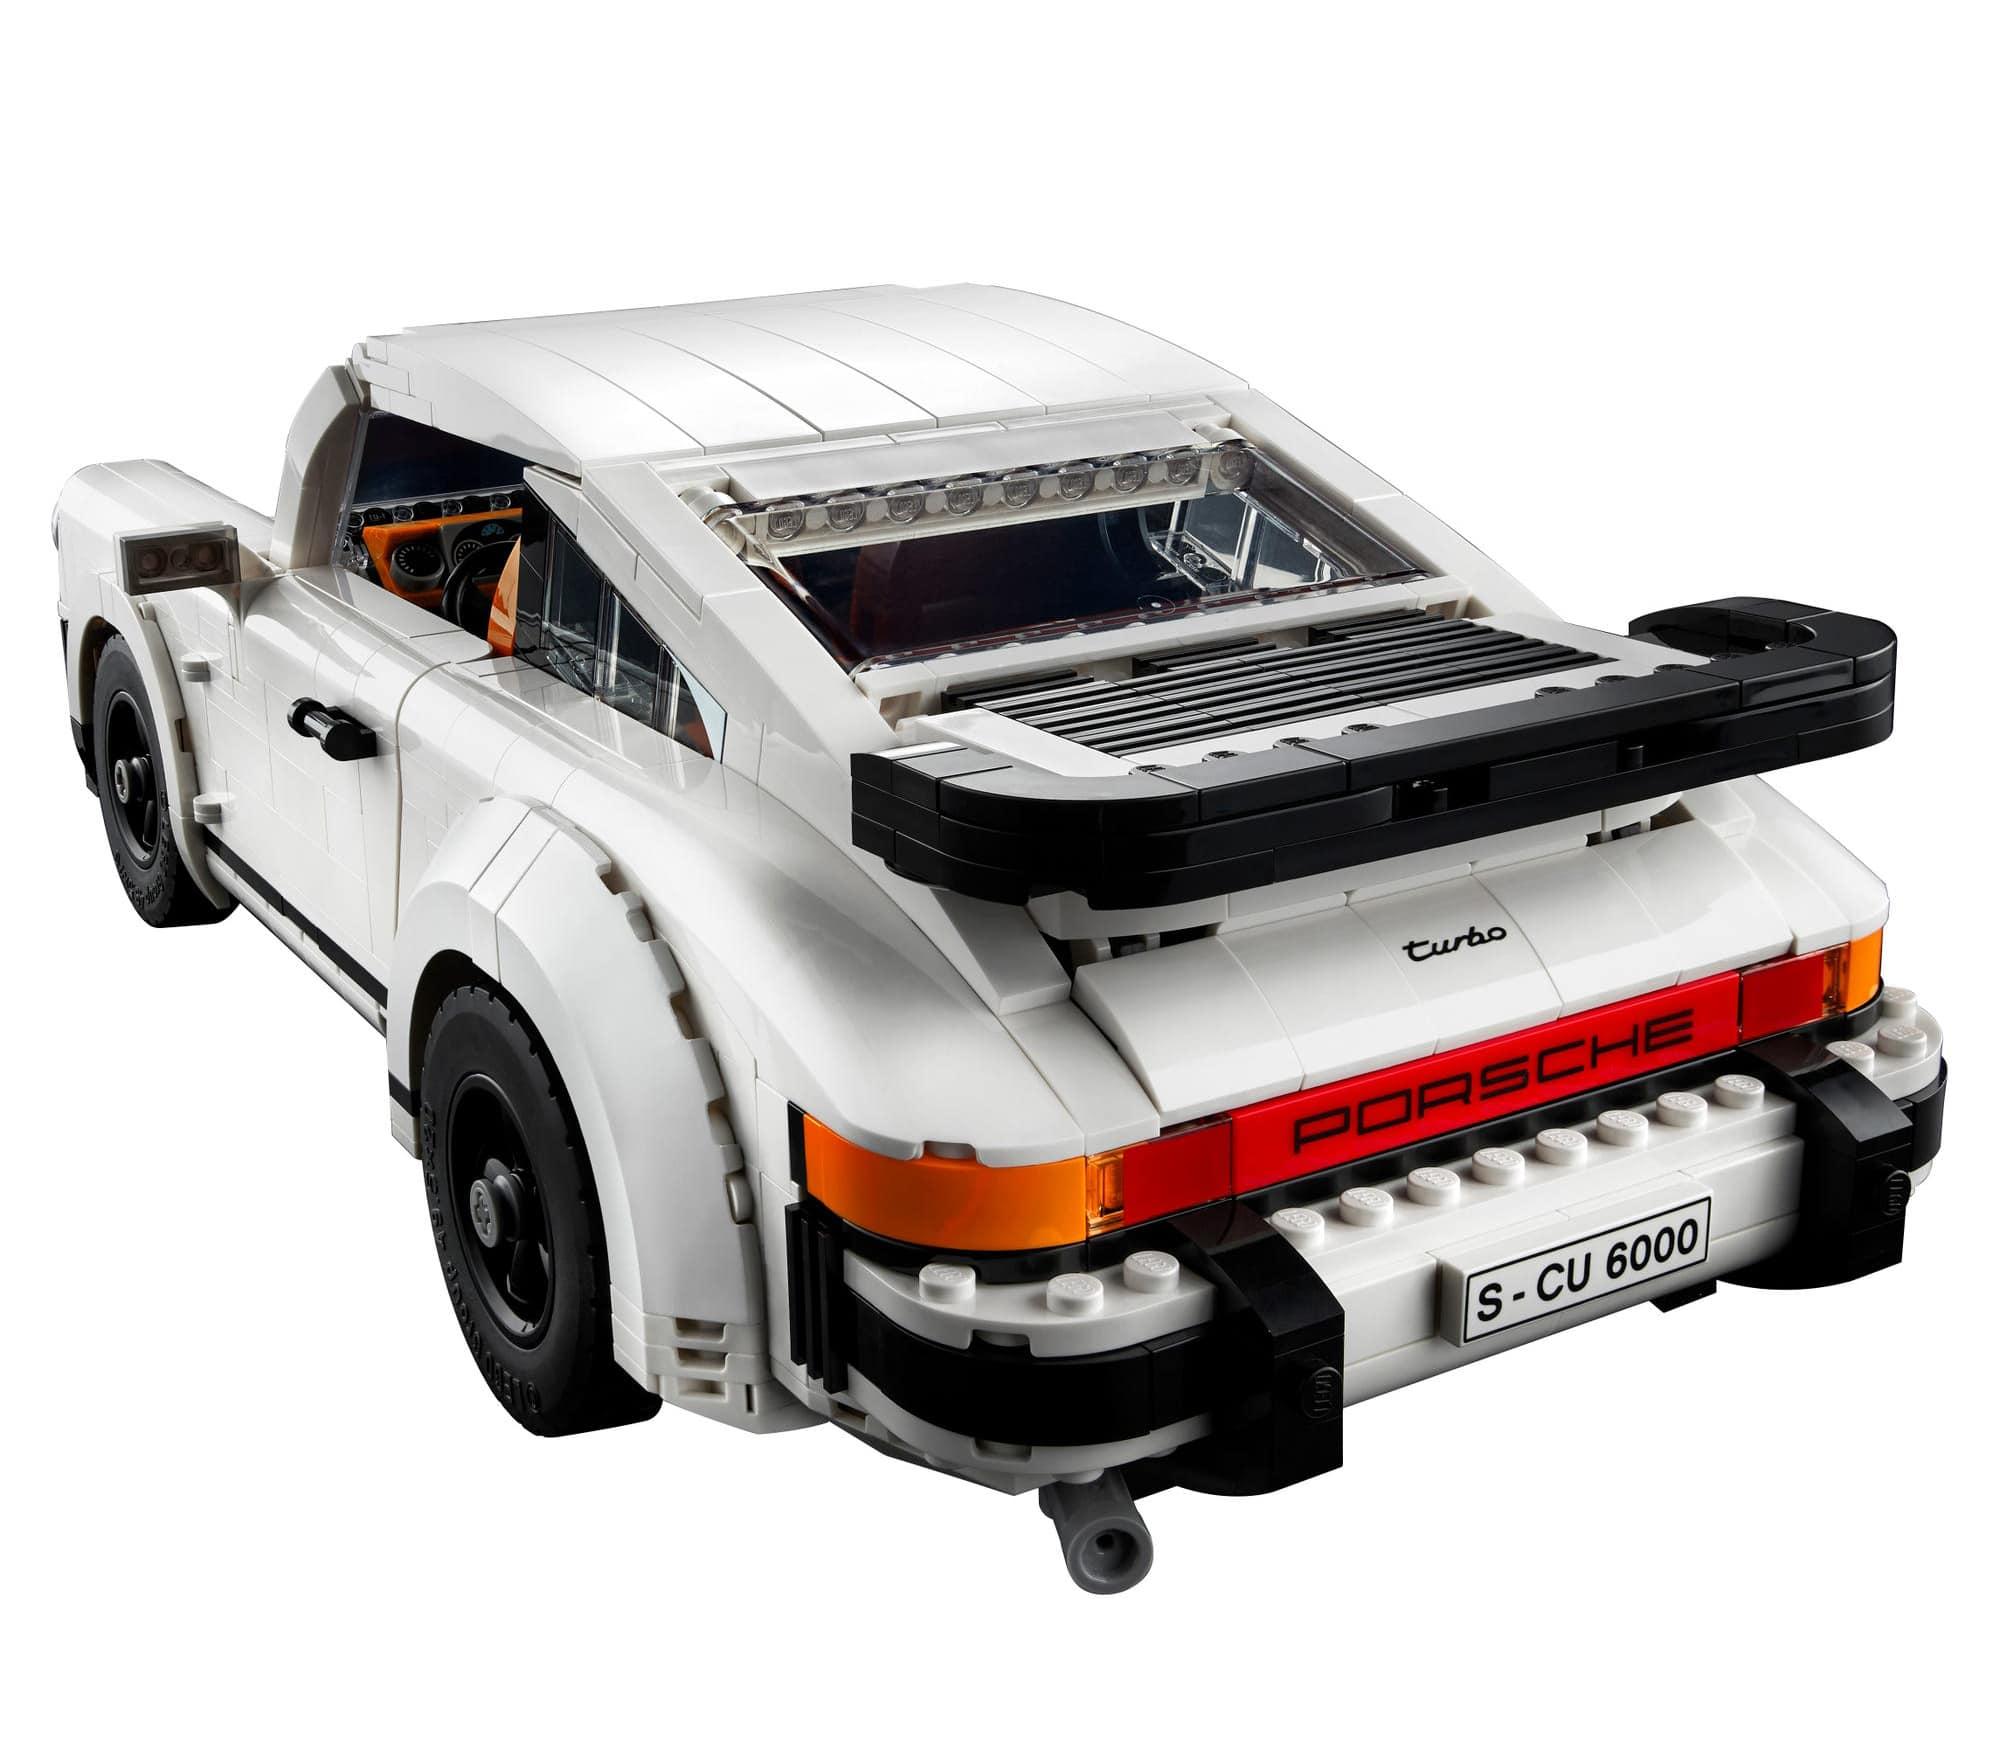 LEGO 10295 Porsche 911 Turbo Rueckseite